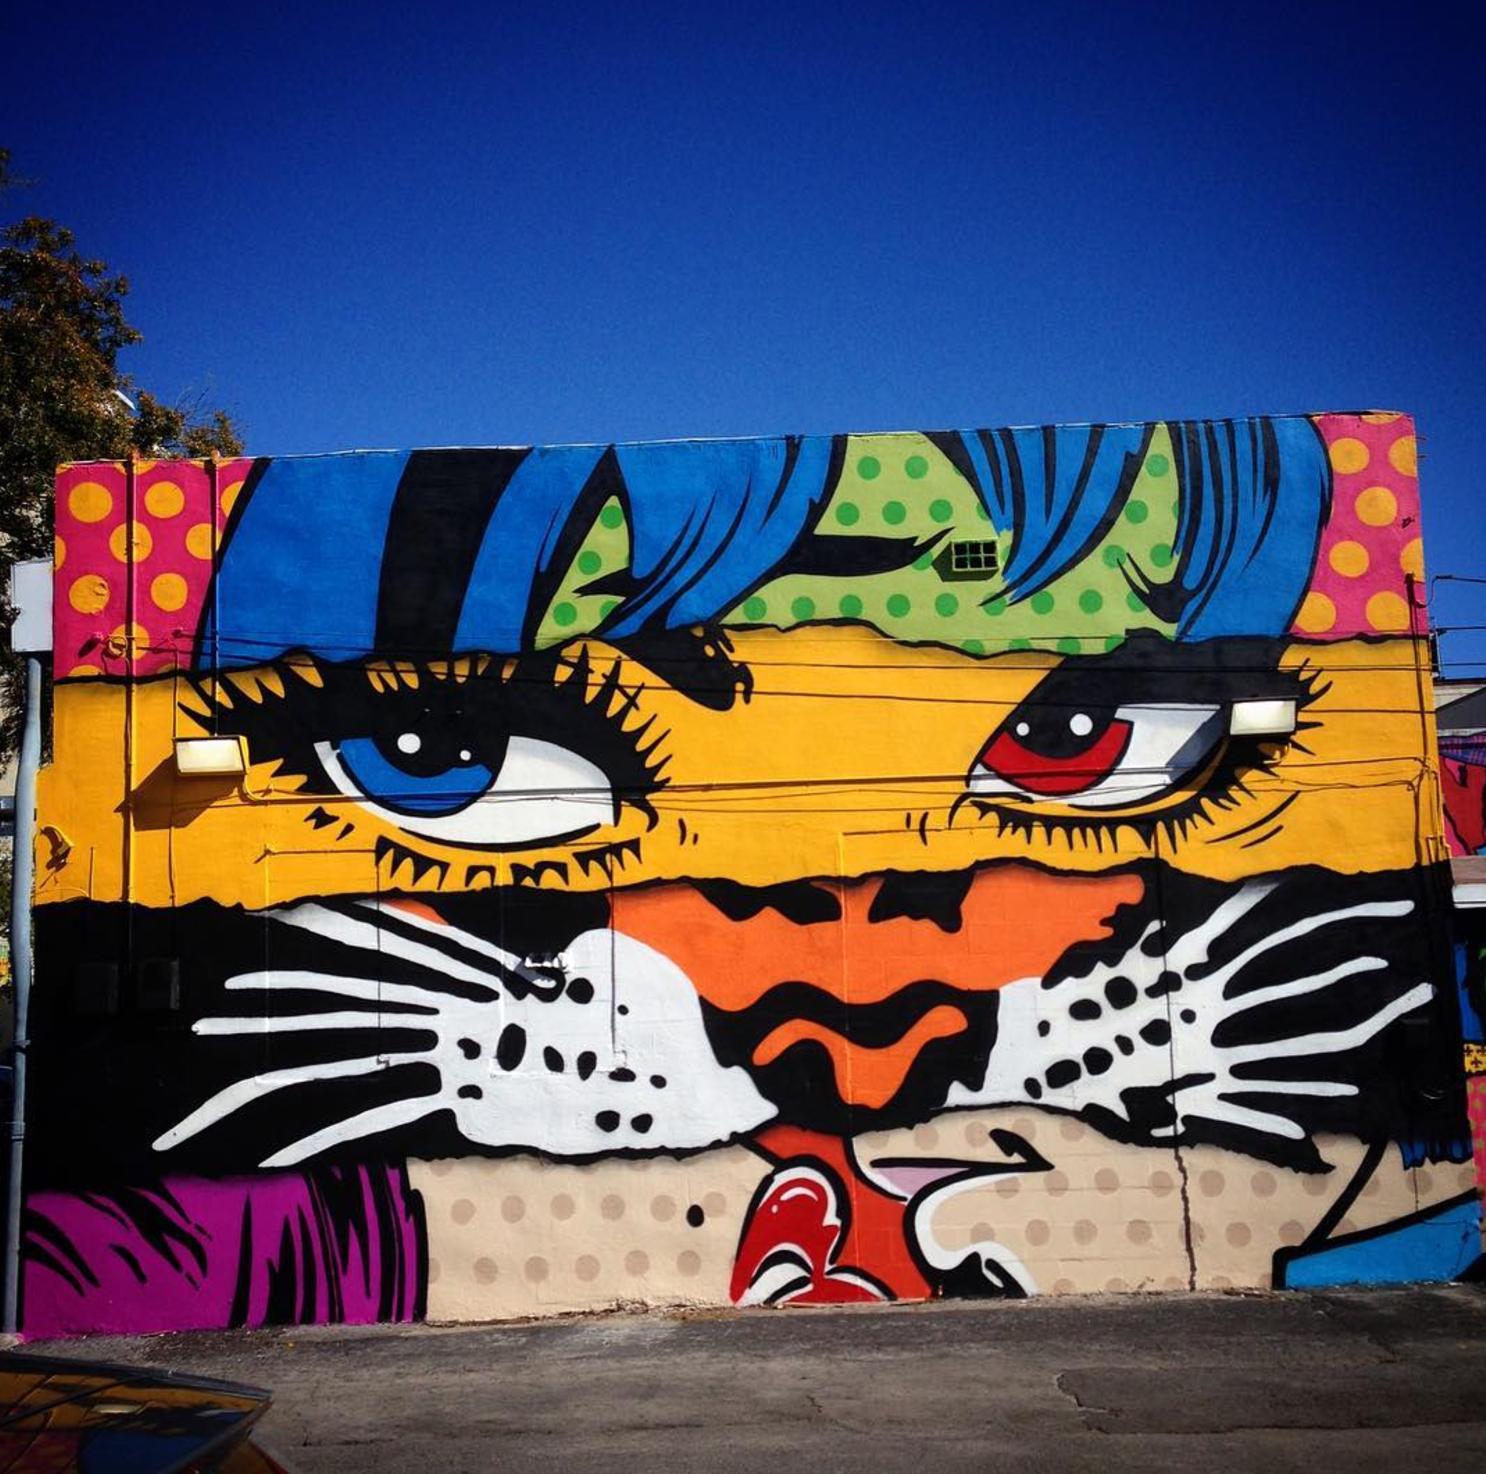 Bildergebnis für street art denial Streetart, Graf